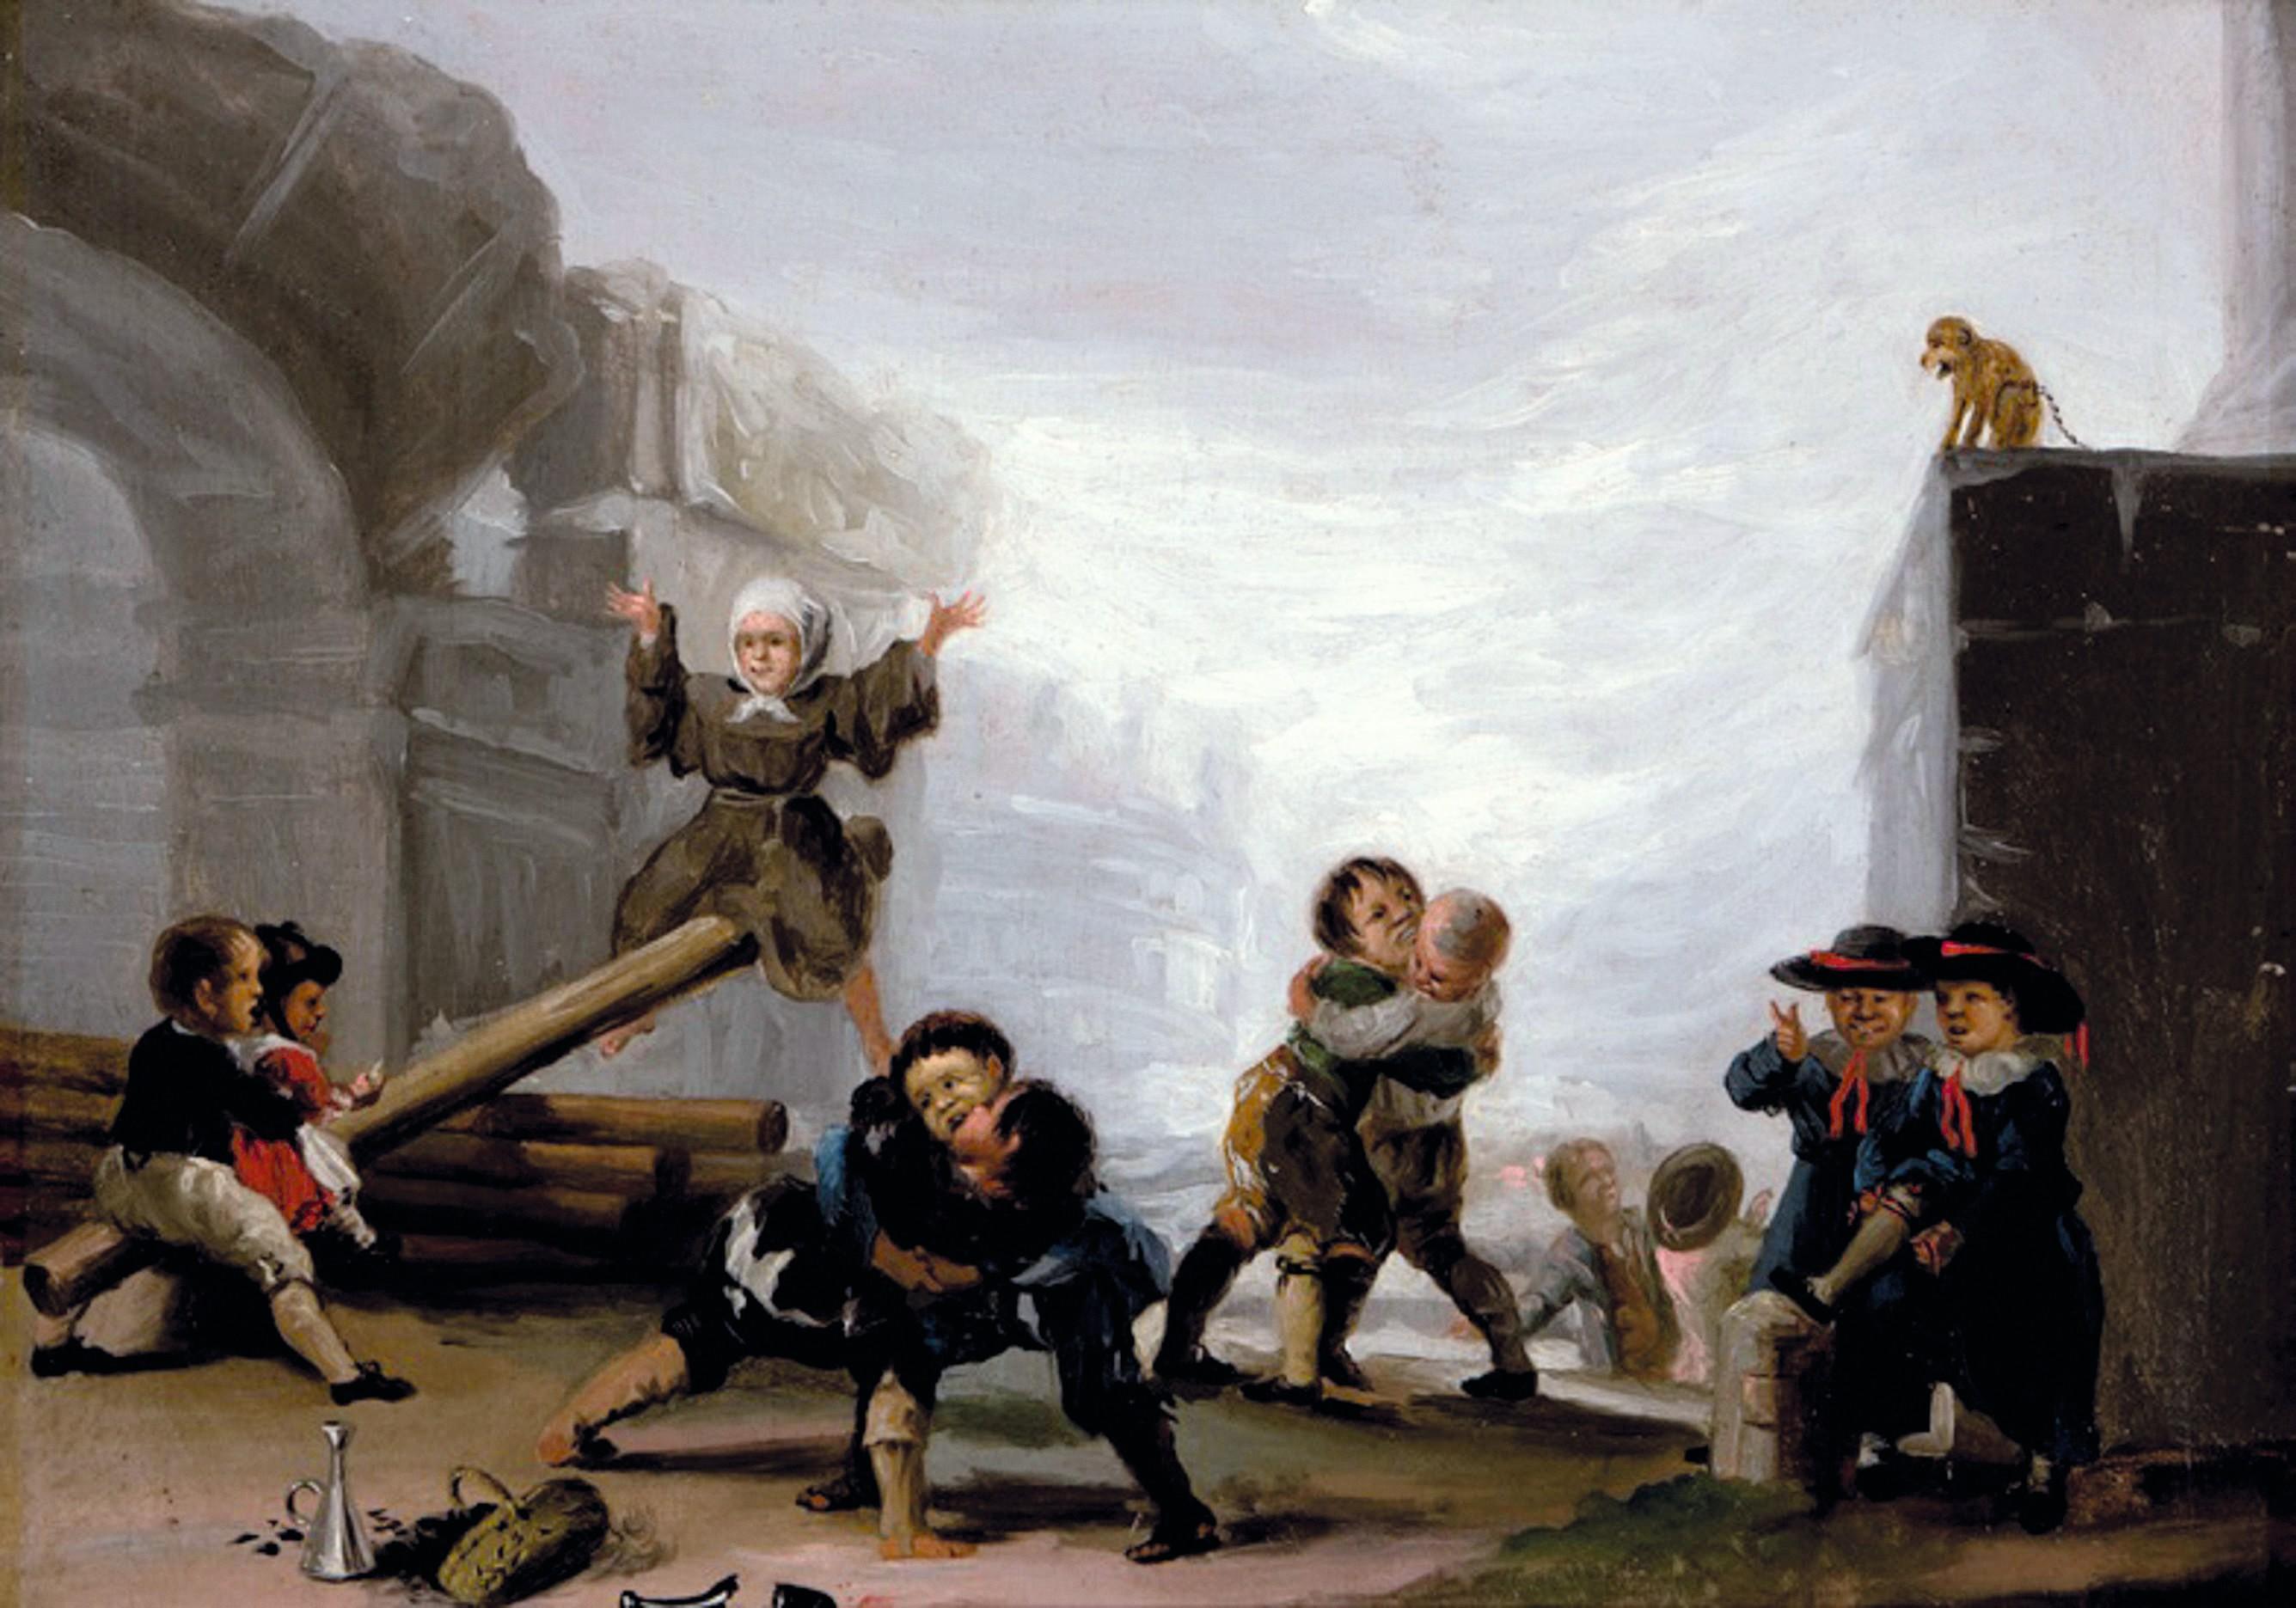 Francisco de Goya, Niños jugando al balancín, ca. 1777-1785.